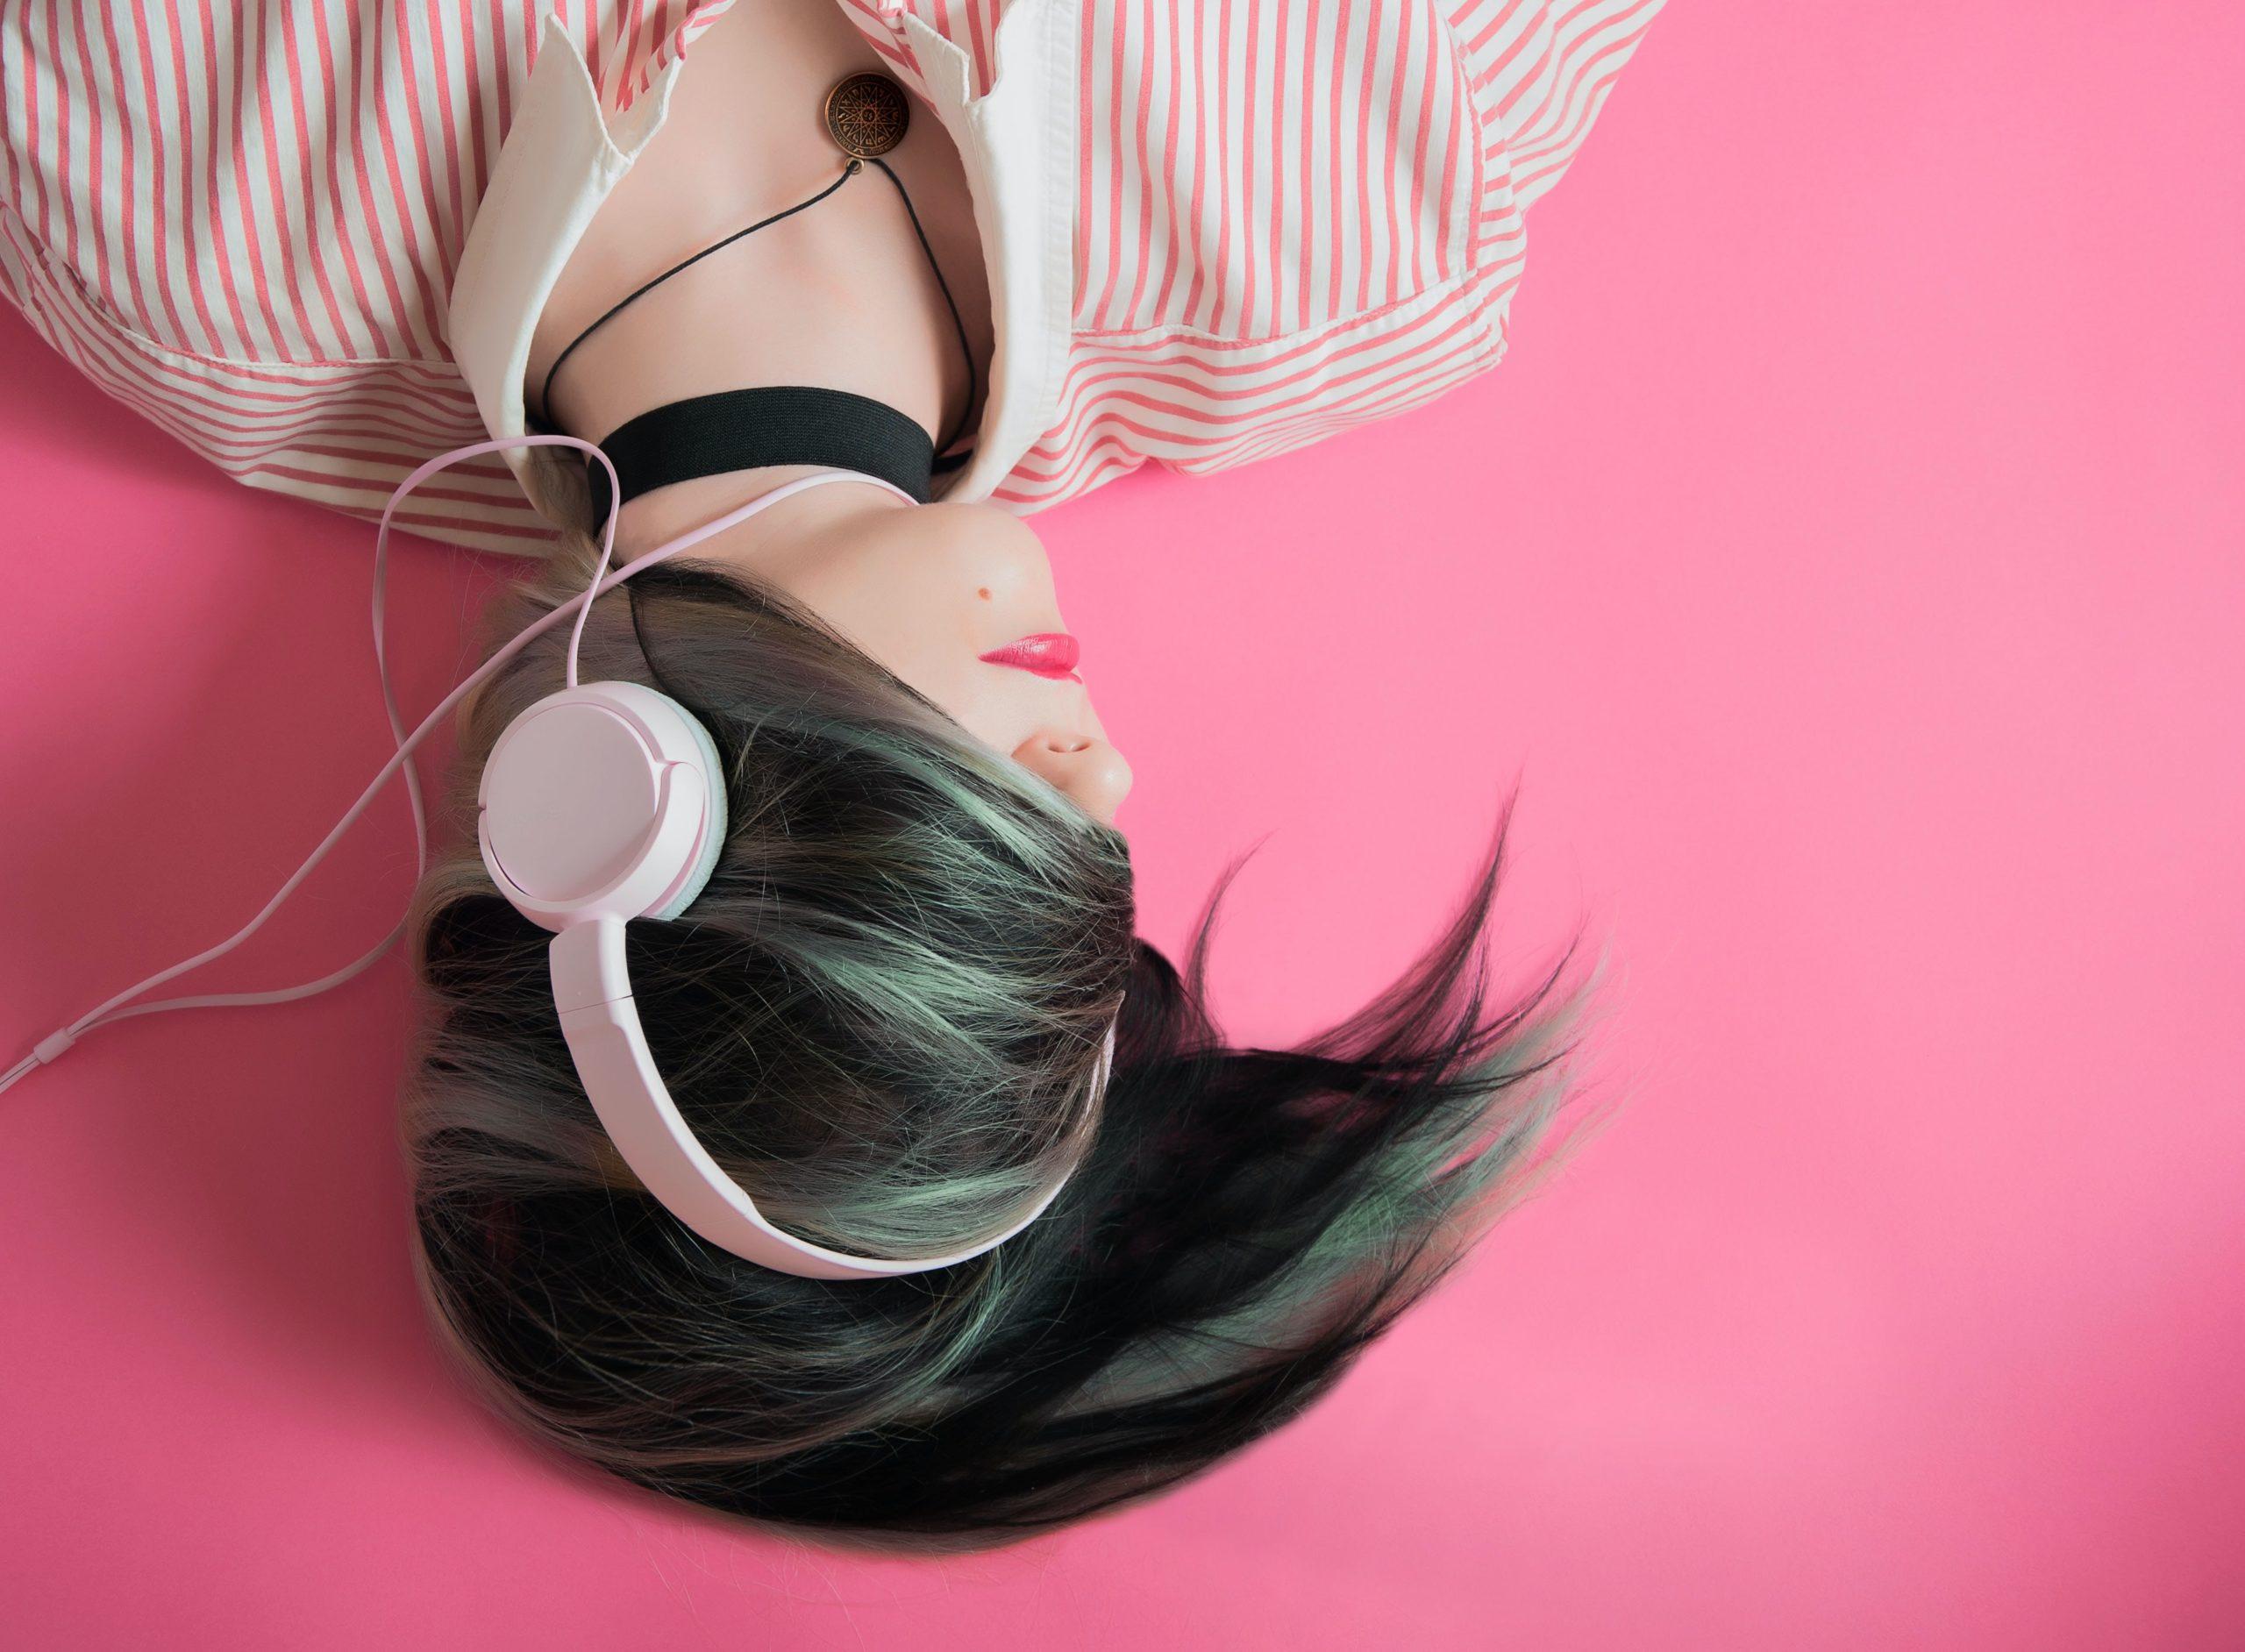 escuchar-musica-ejercicio-creativo